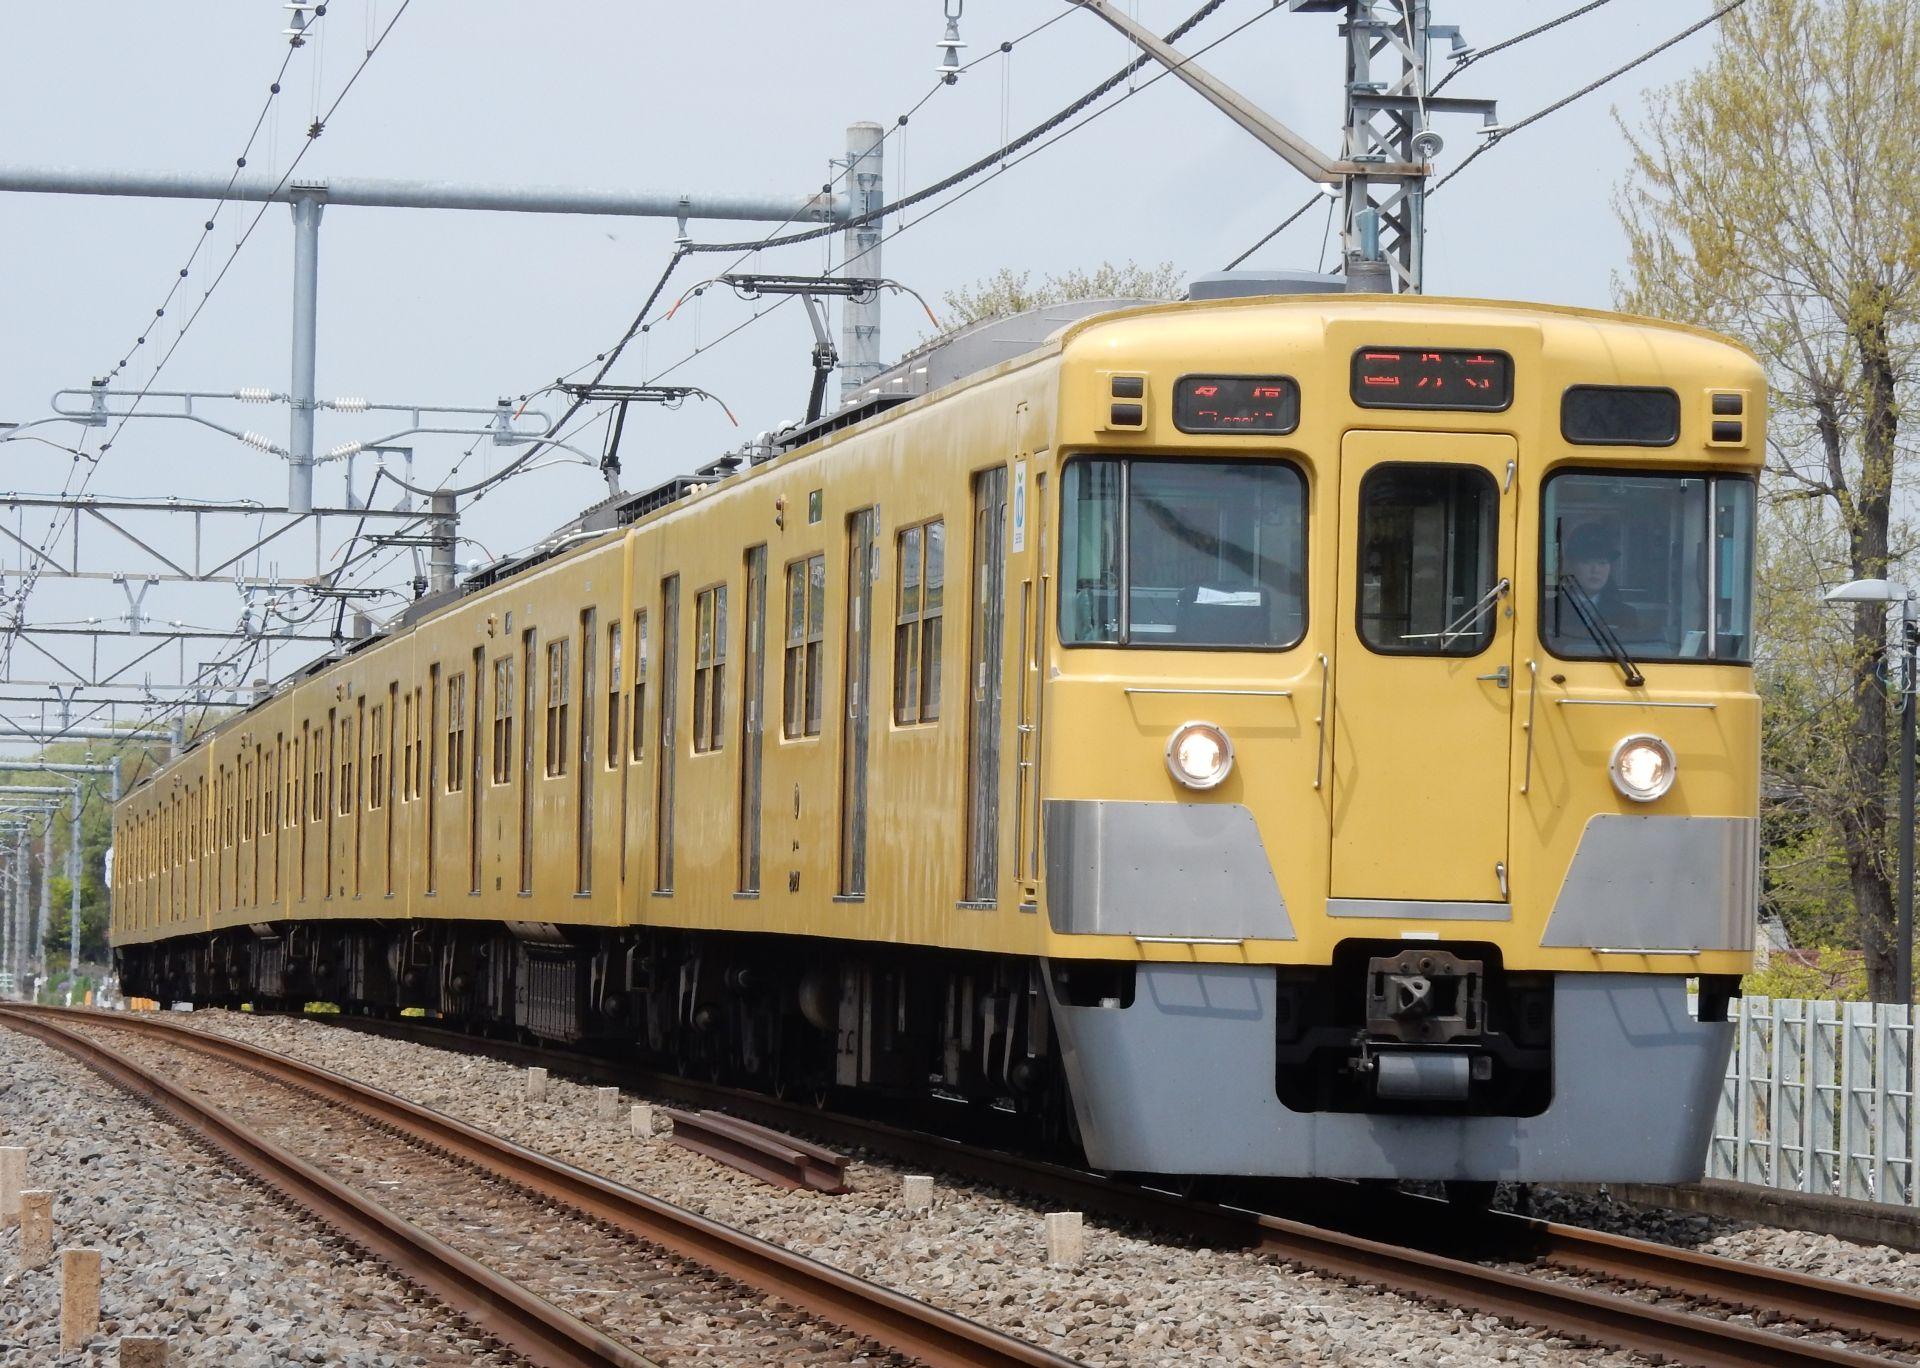 DSCN7473 - コピー